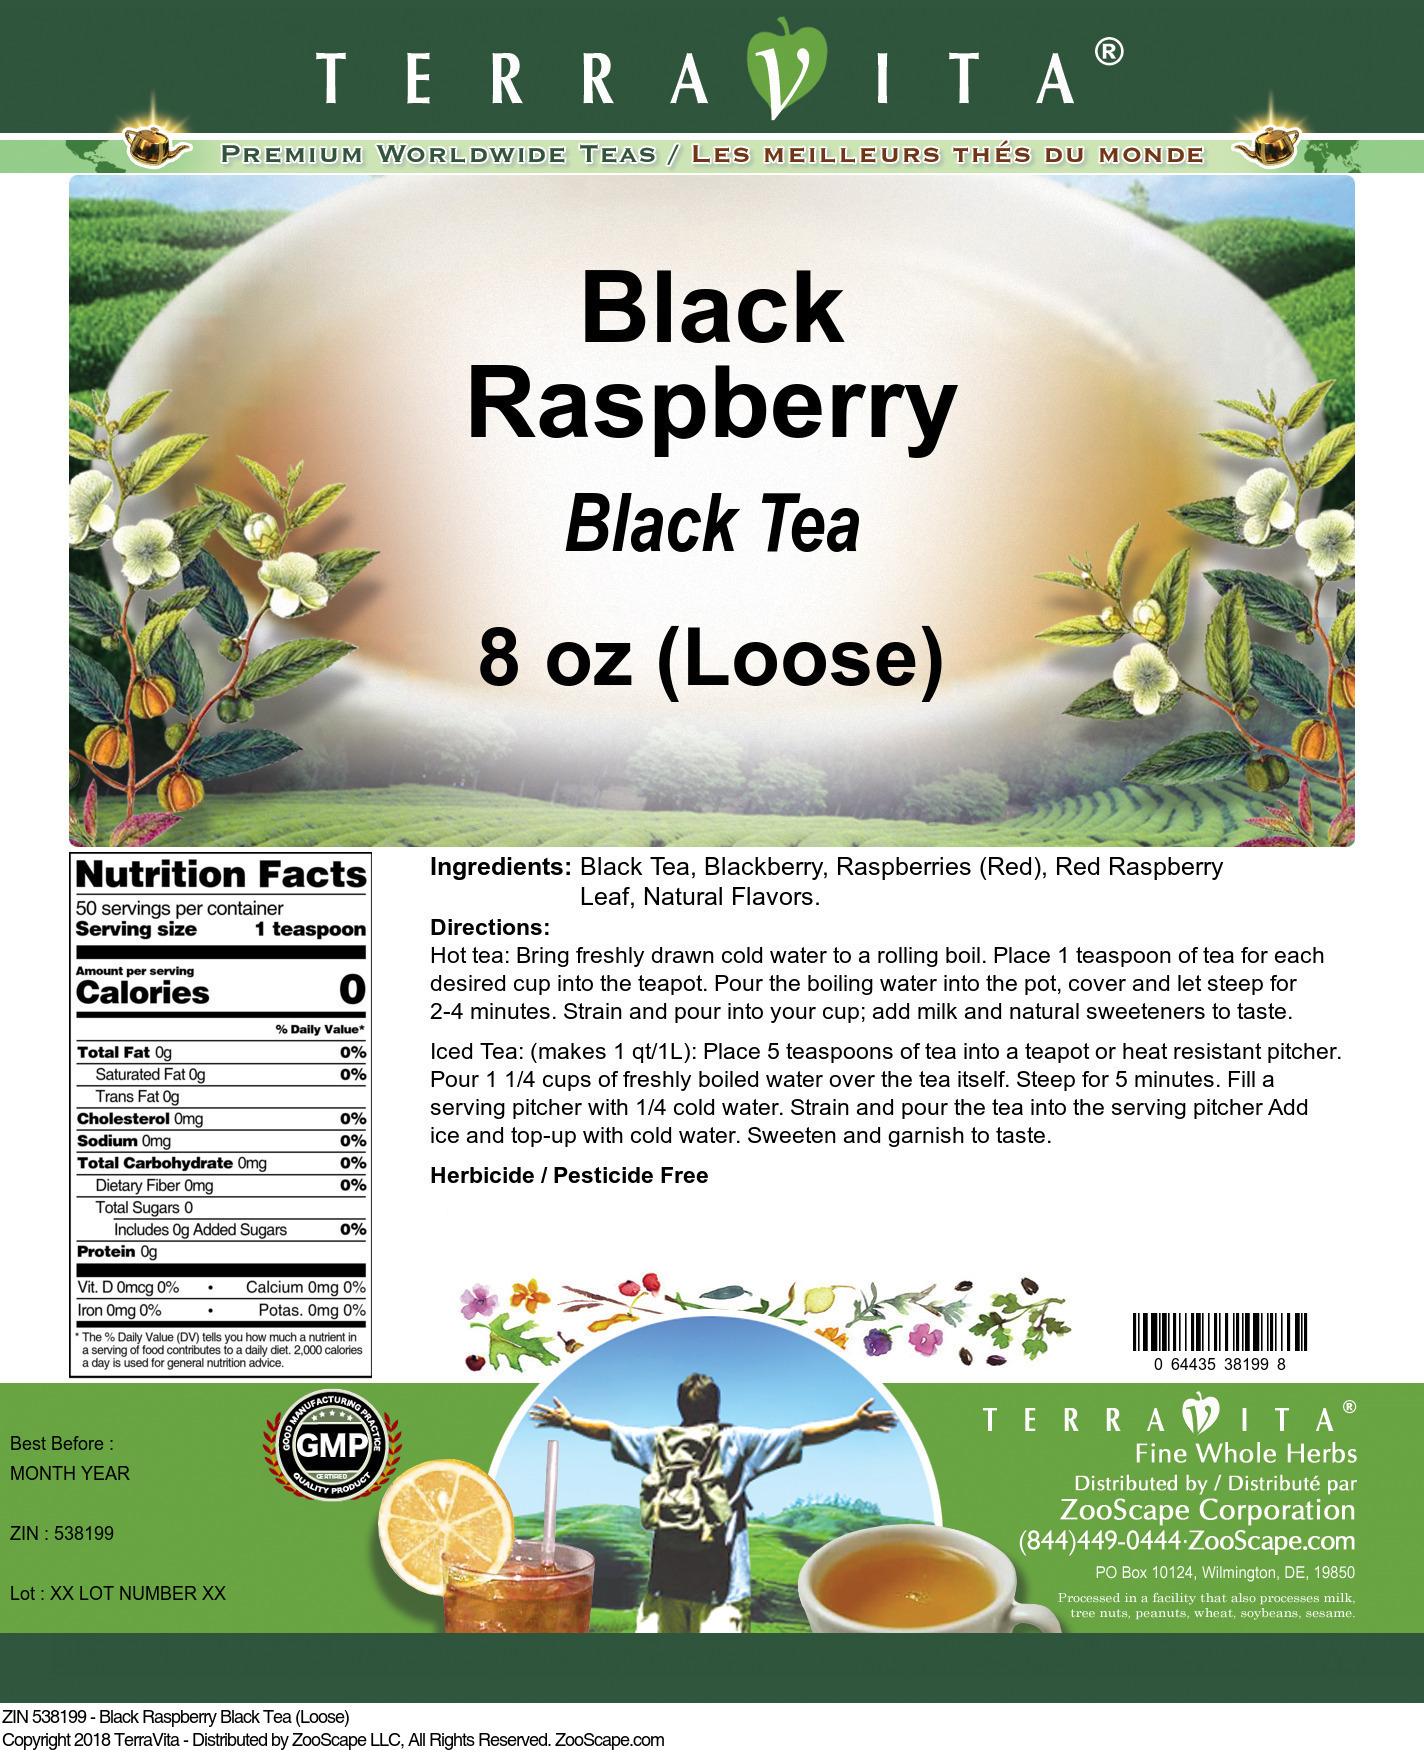 Black Raspberry Black Tea (Loose)